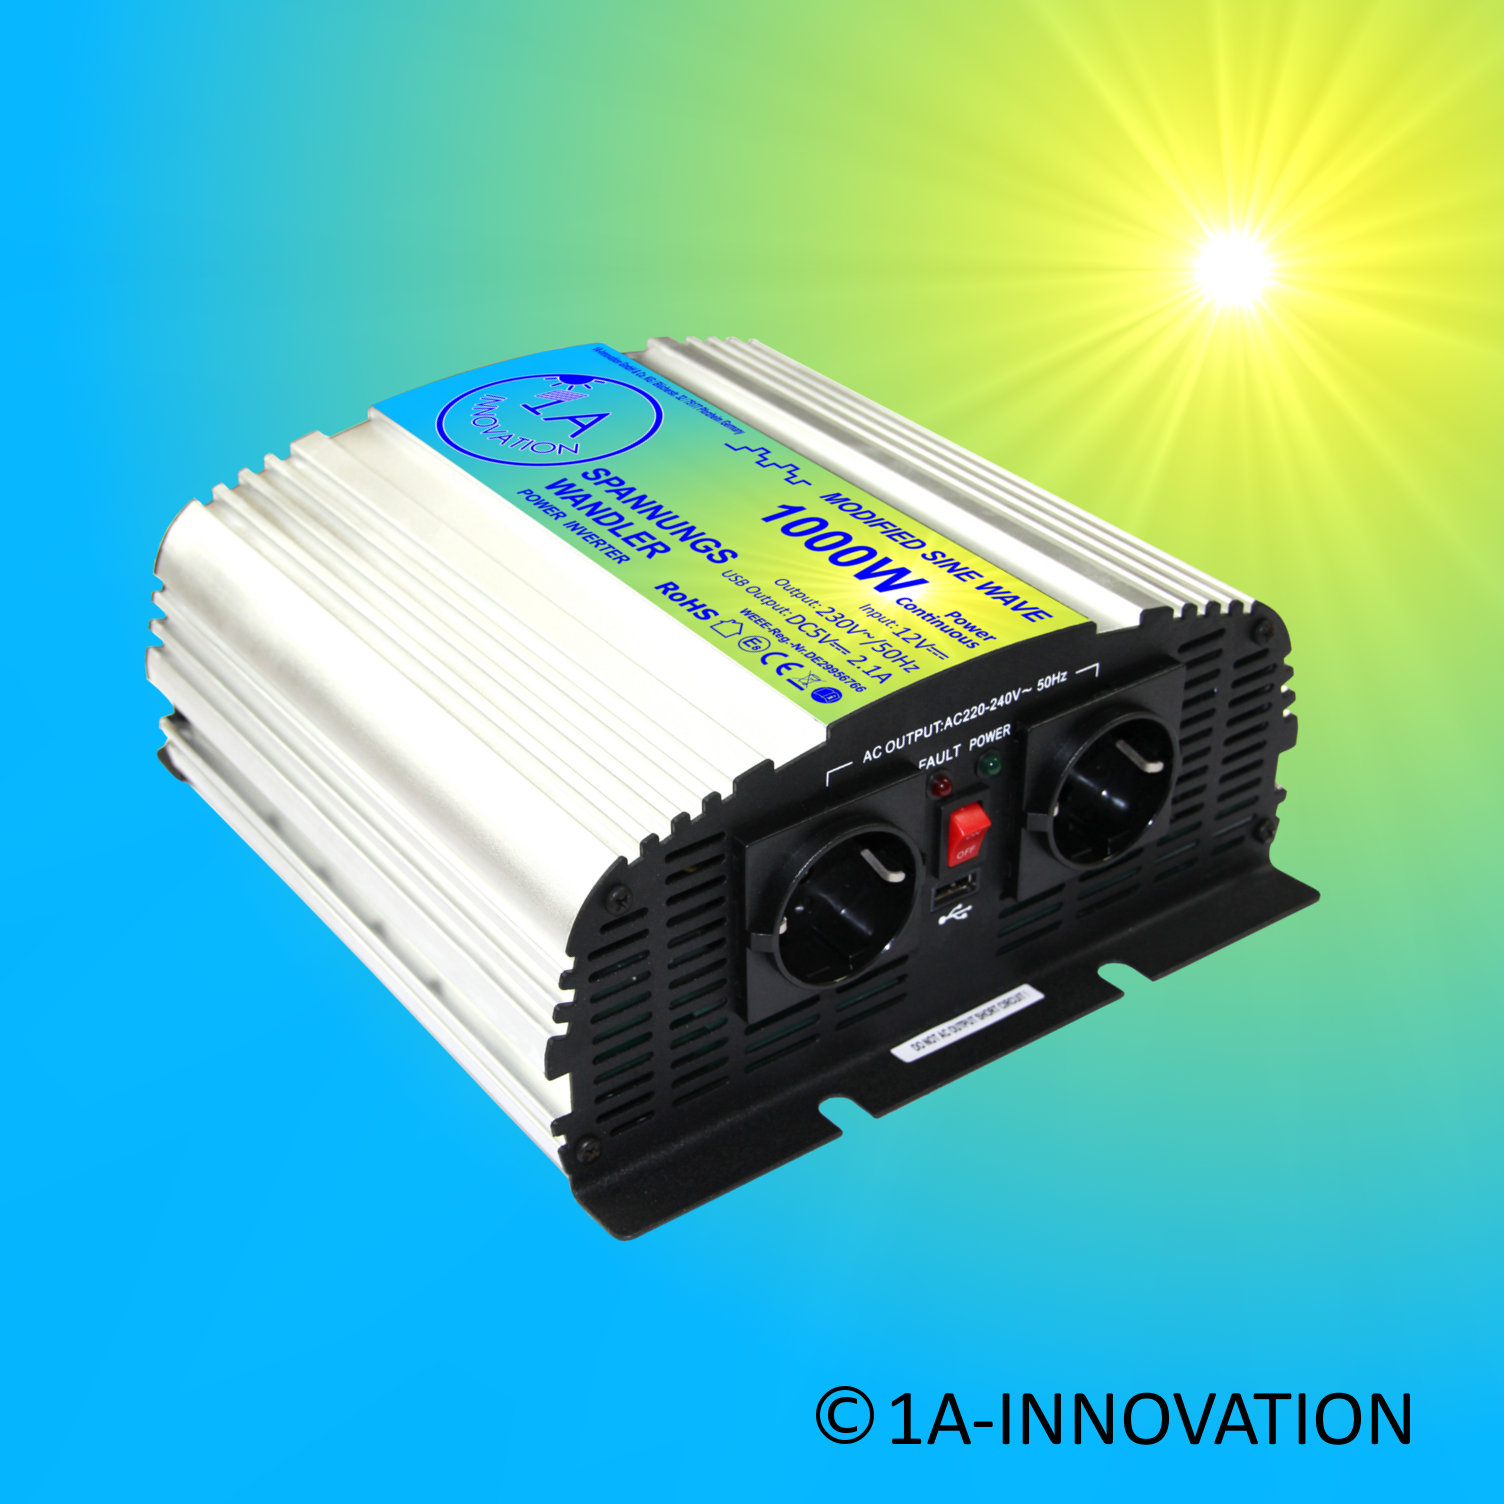 100W Solaranlage Komplett 220V + Akku 100Ah Solarpanel 1000W Camping Watt Garten 3